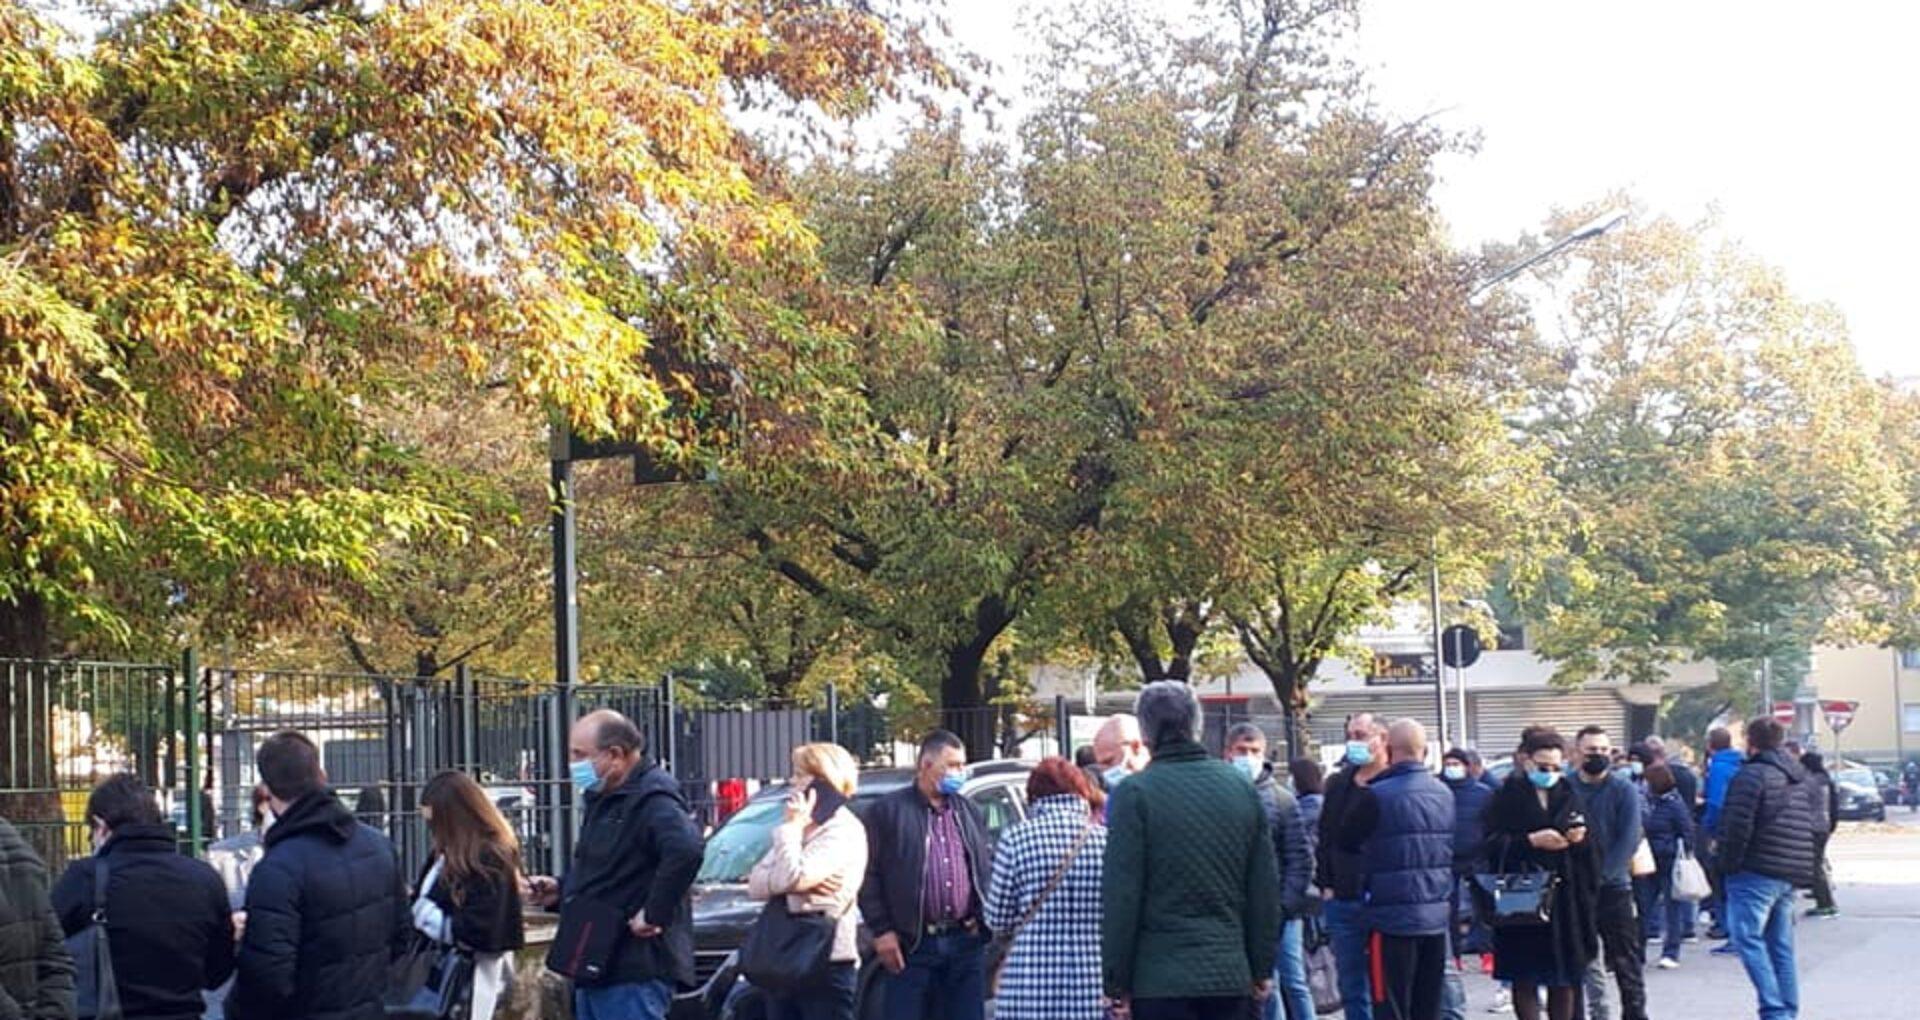 Ministerul de Externe anunță că sunt înregistrate aglomerații la mai multe secții de votare din străinătate